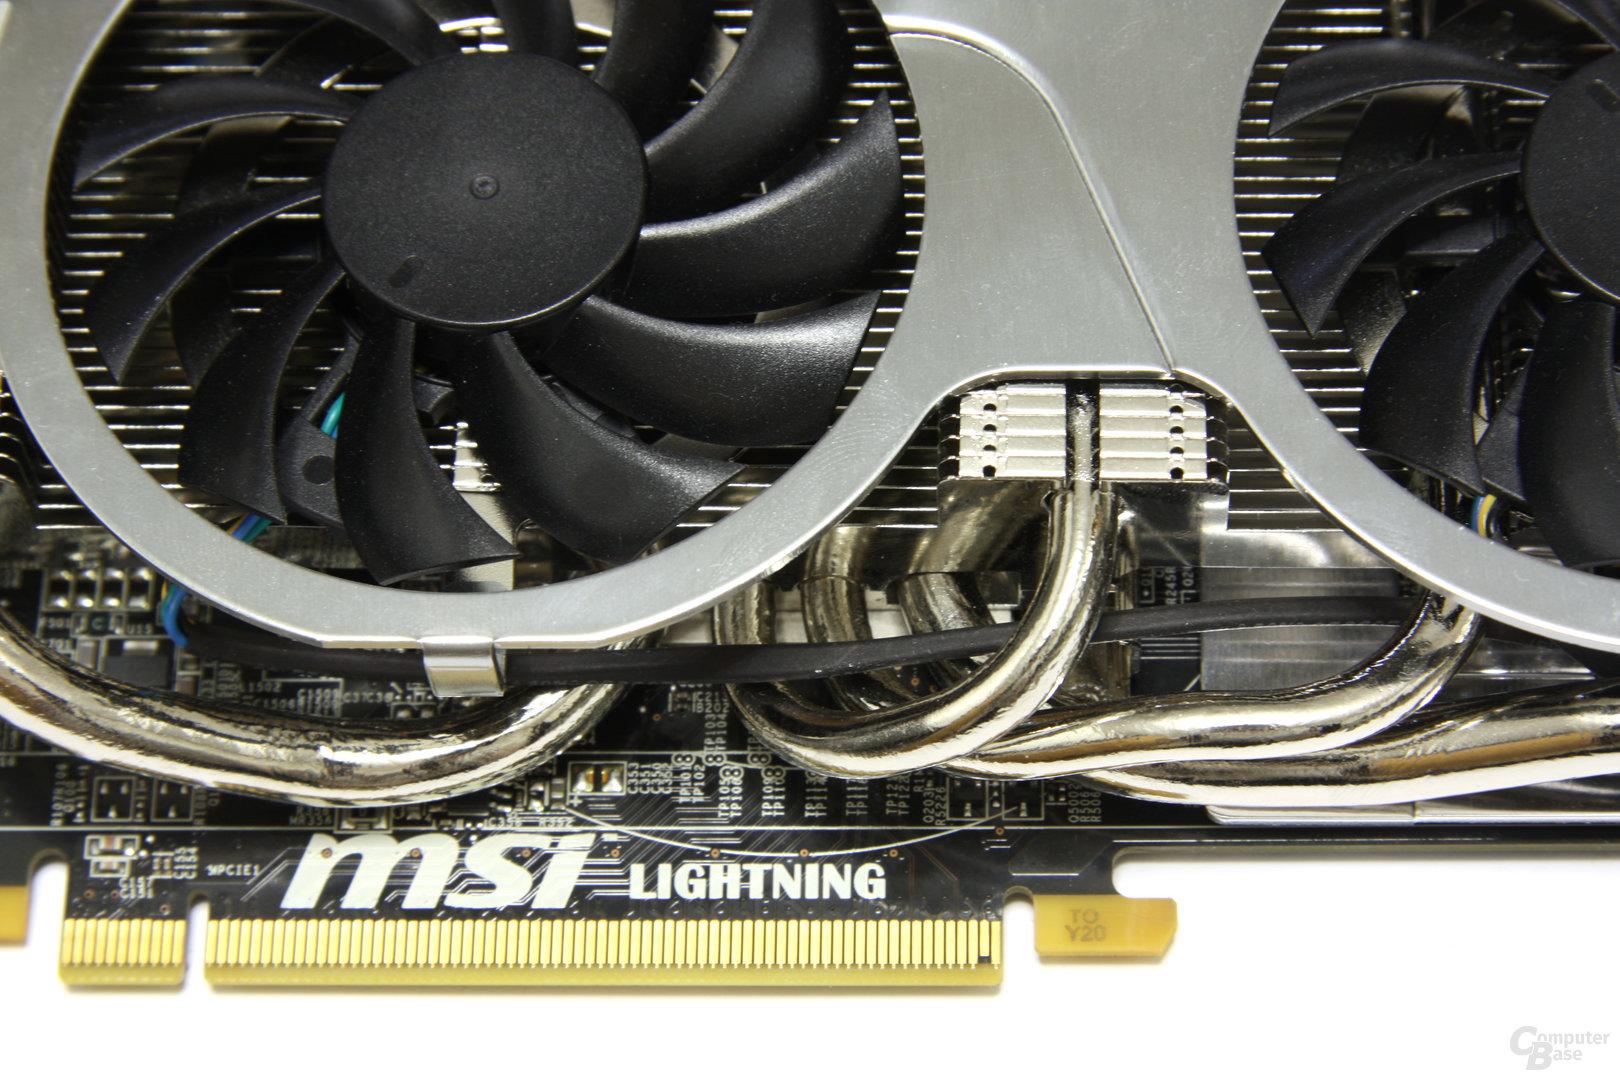 Radeon HD 5870 Lightning Schriftzug